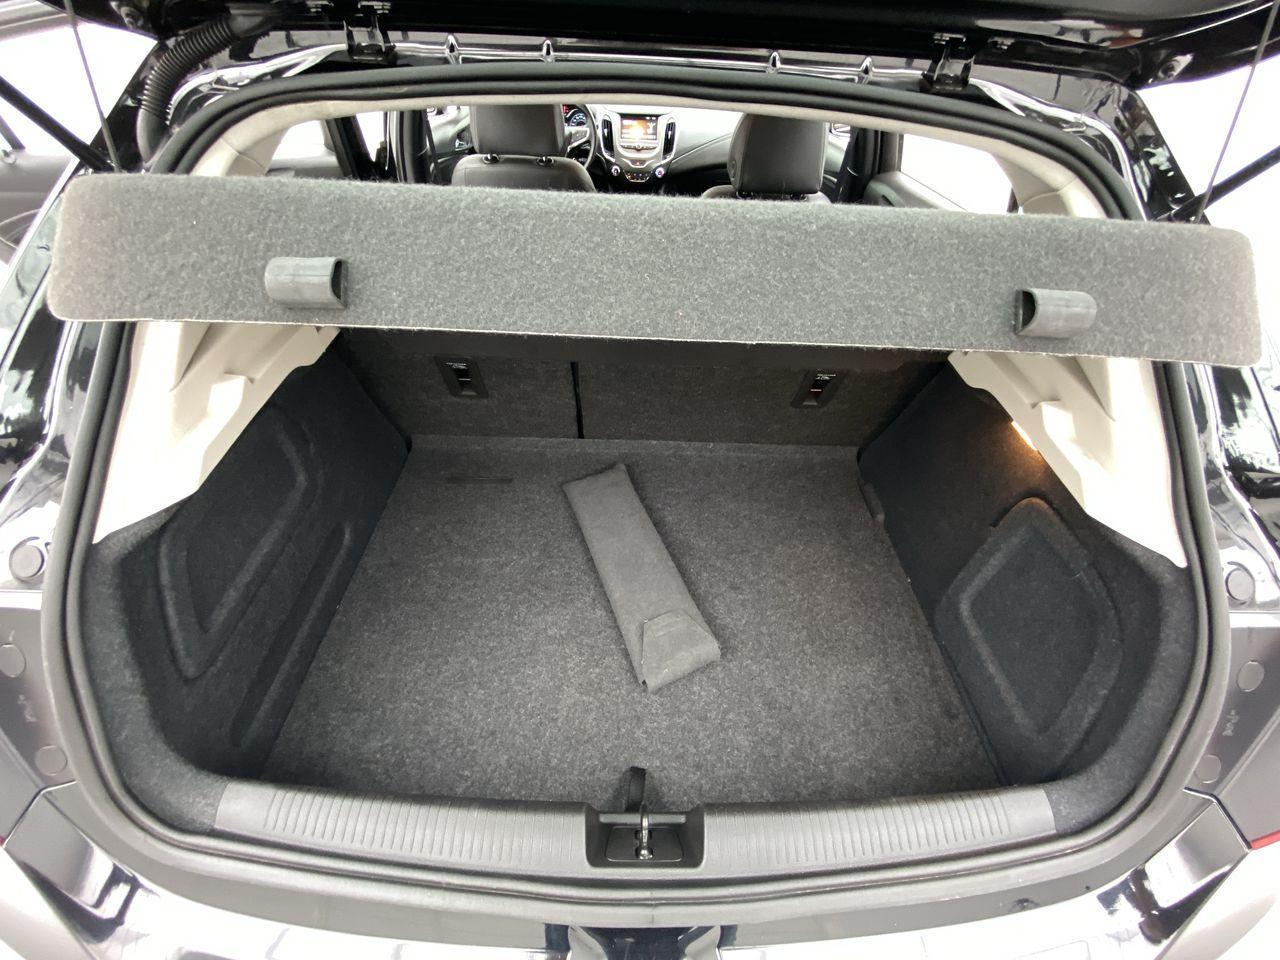 CRUZE Sport LT 1.4 16V TB Flex 5p Aut.